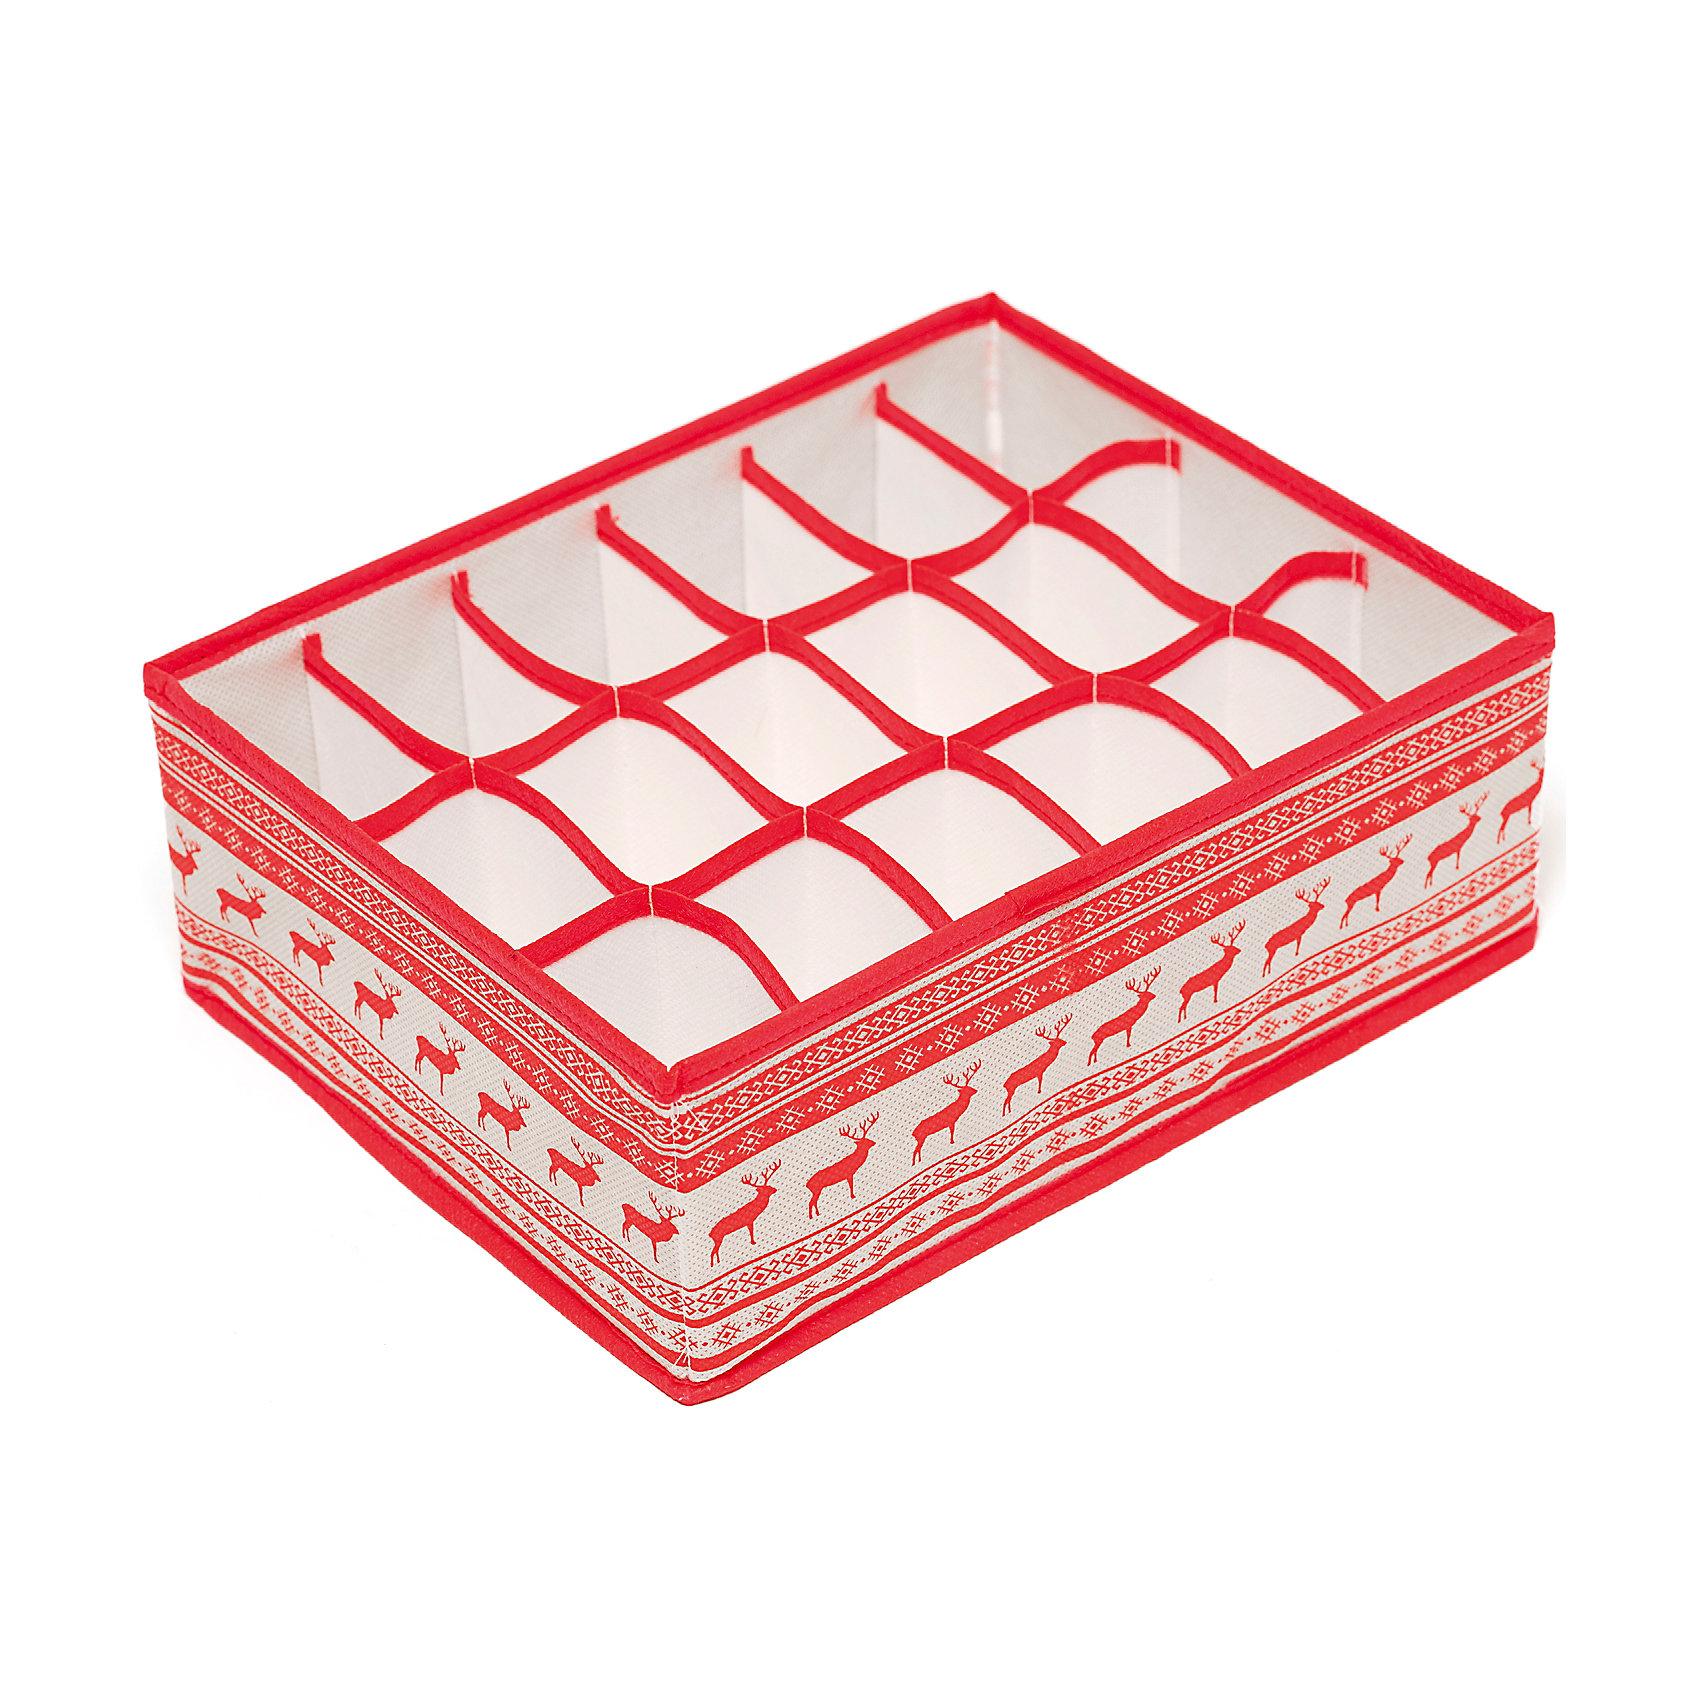 Органайзер на 18 секций Scandinavia (31*24*11), HomsuПорядок в детской<br>Прямоугольный и плоский органайзер имеет 18 раздельных ячеек размером 7Х5см, очень удобен для хранения мелких вещей в вашем ящике или на полке. Идеально для носков, платков, галстуков и других вещей ежедневного пользования. Имеет жесткие борта, что является гарантией сохранности вещей. Подходит в шкафы Били от Икея.<br><br>Ширина мм: 530<br>Глубина мм: 110<br>Высота мм: 20<br>Вес г: 200<br>Возраст от месяцев: 216<br>Возраст до месяцев: 1188<br>Пол: Унисекс<br>Возраст: Детский<br>SKU: 5620166